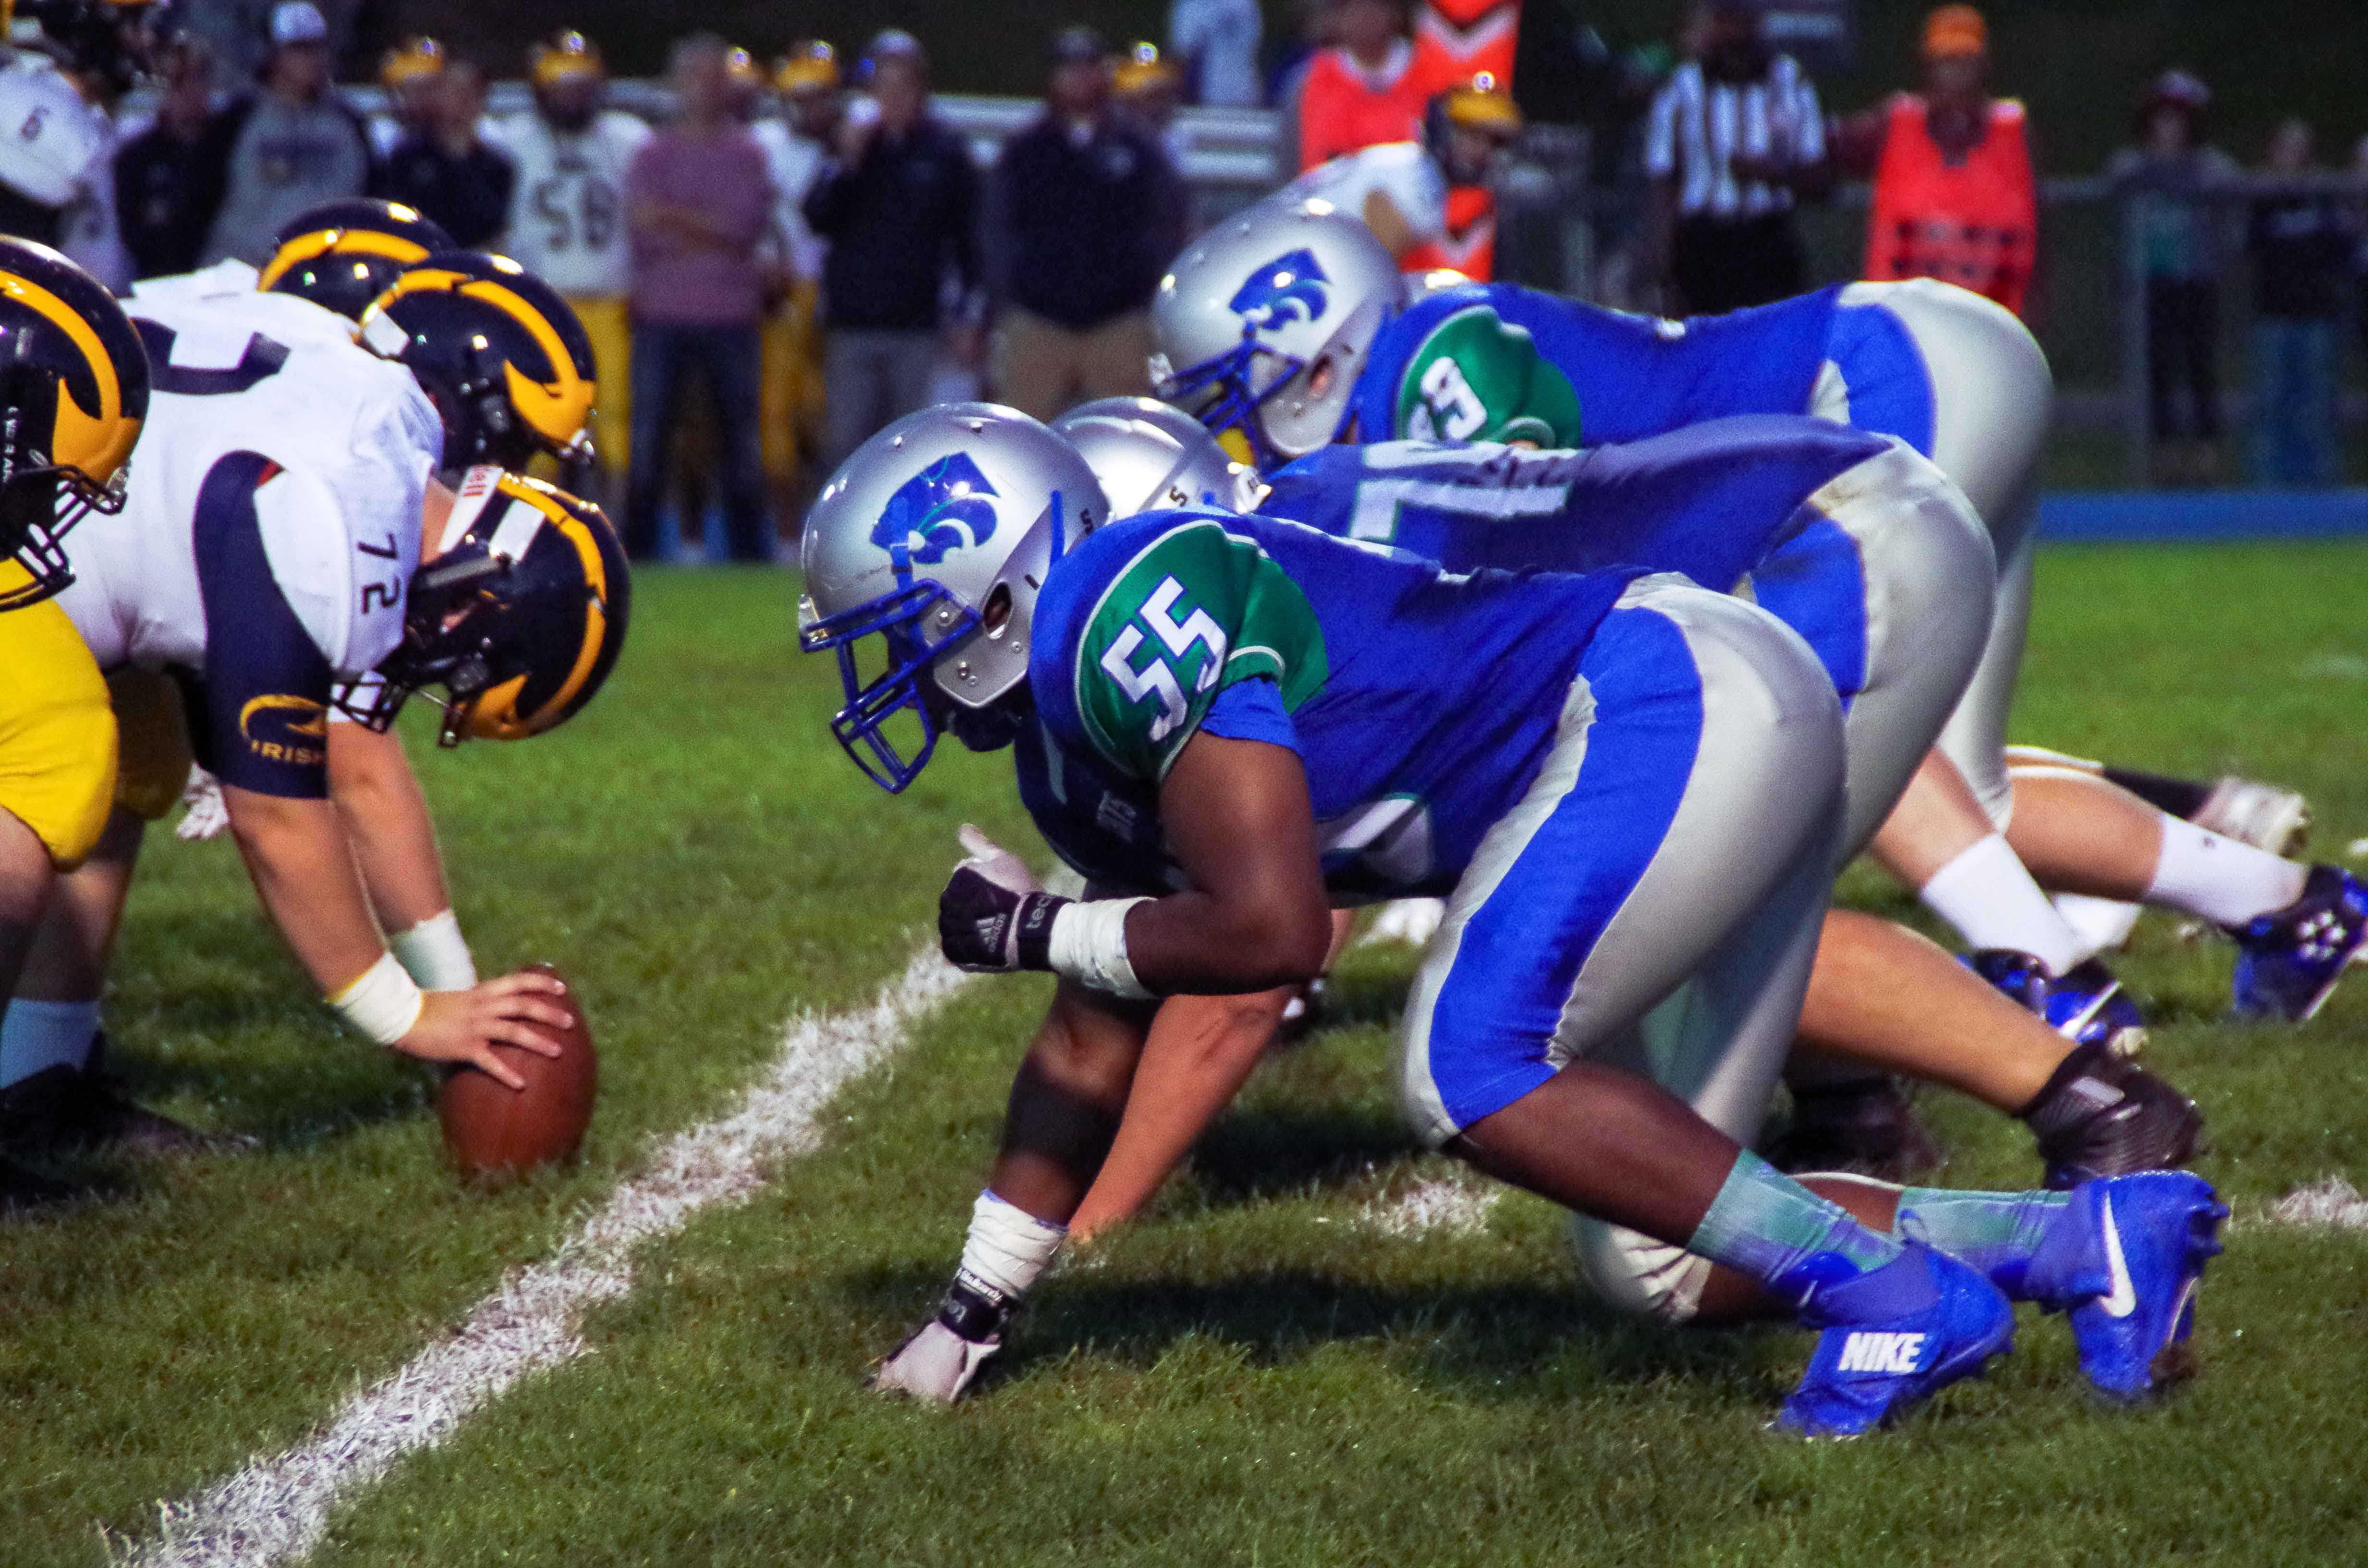 Eagan's defense